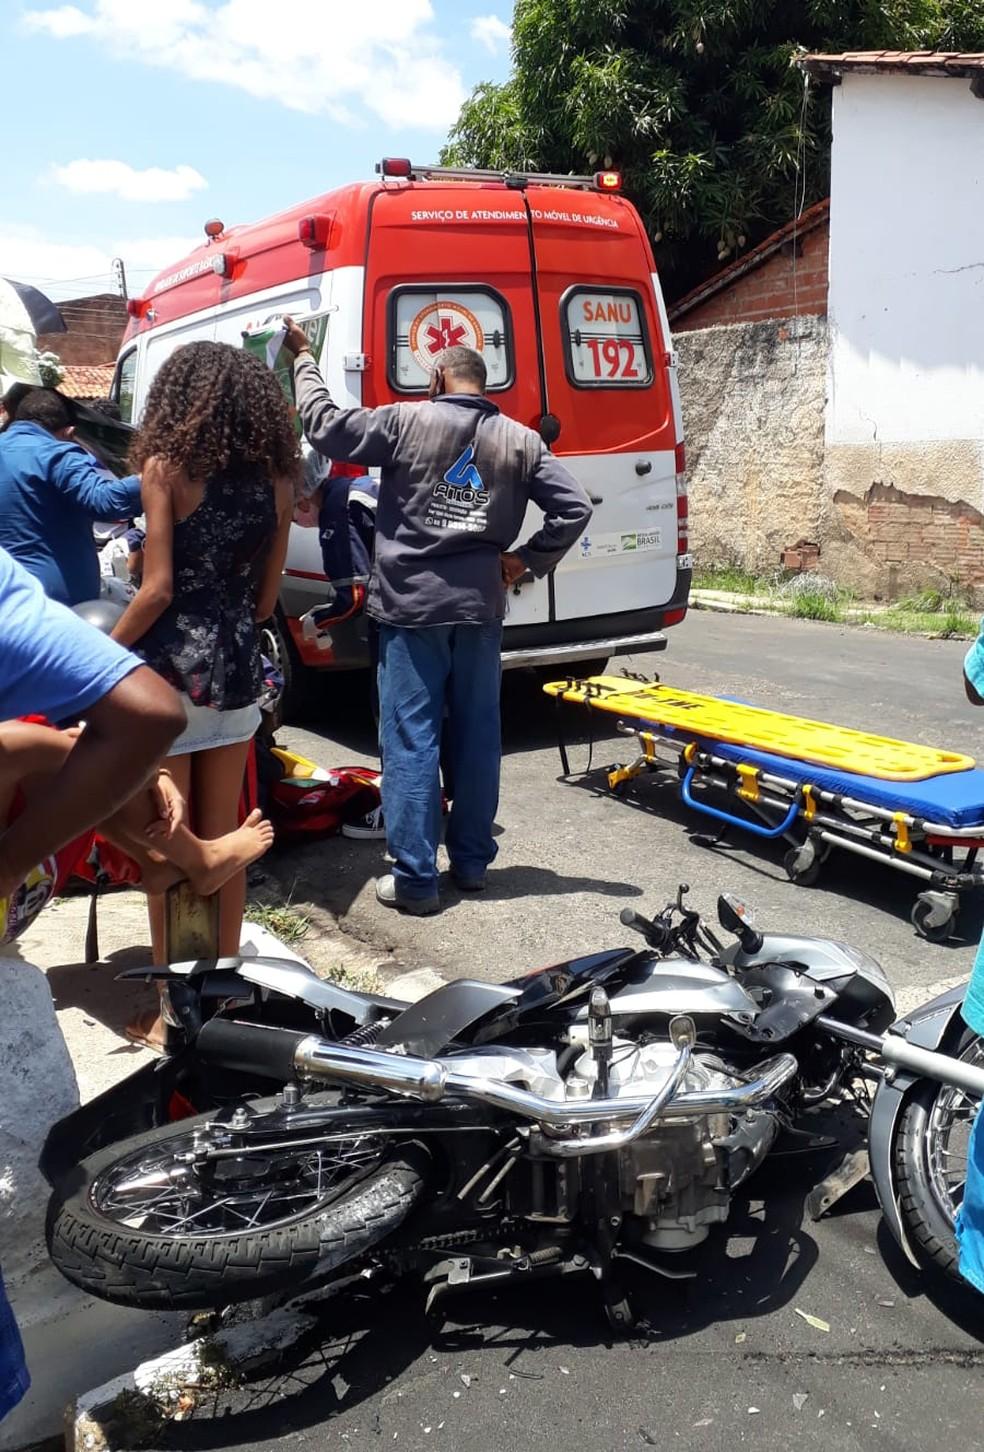 Entregador é conduzido ao hospital após acidente na segunda-feira (11) em cruzamento na Zona Leste de Teresina — Foto: Nunci Santos